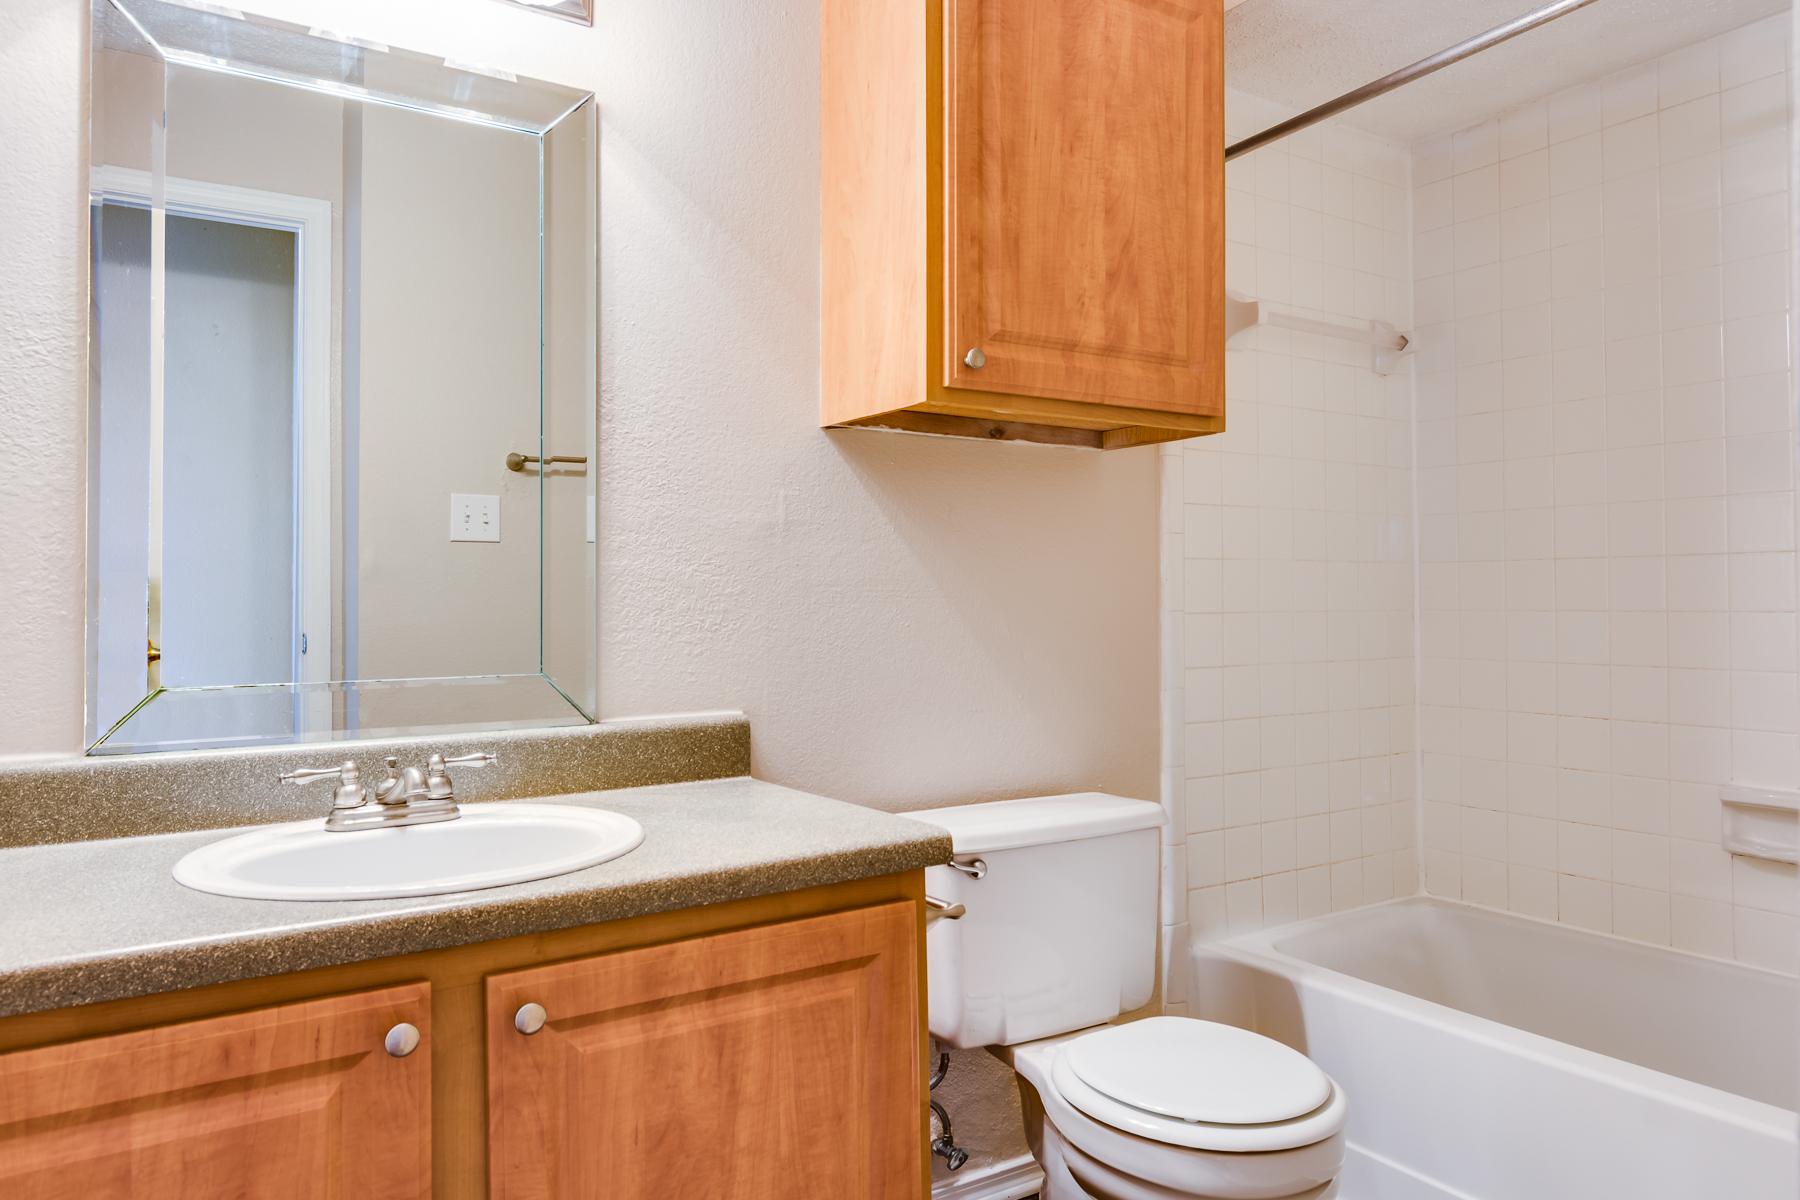 1 Bed 1 Bath Apartment in Nashville TN Brandywine